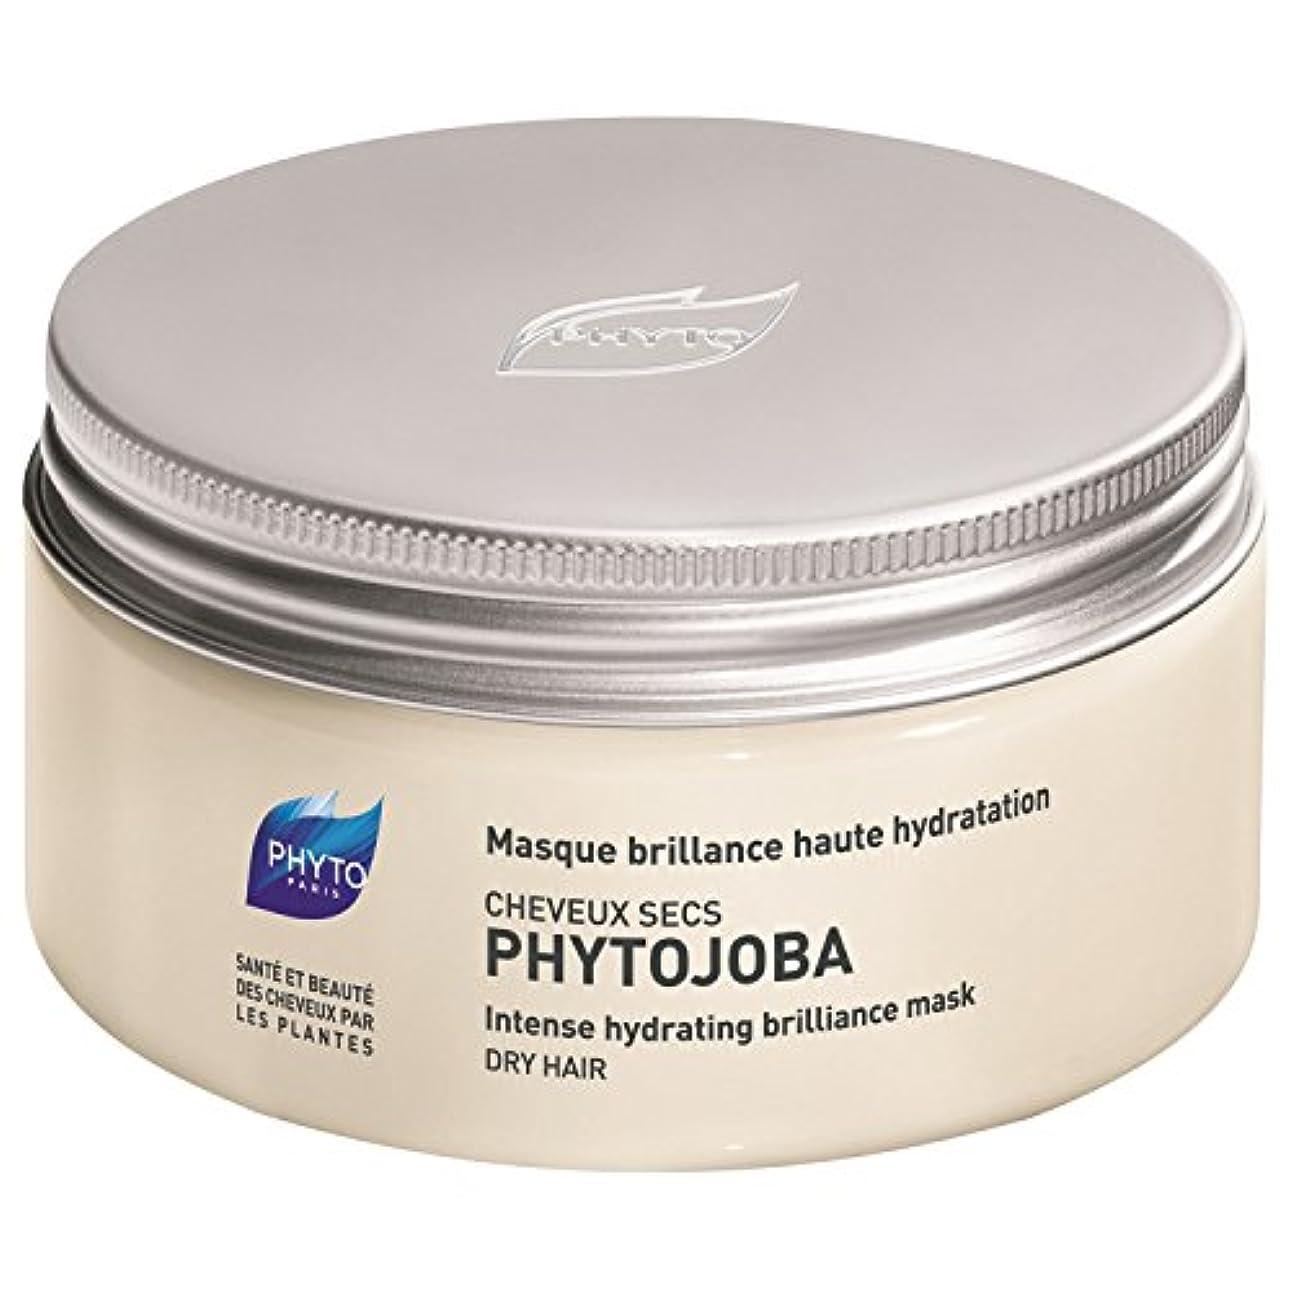 鮮やかな発行するカバレッジフィトPhytojoba強烈な水分補給マスク200ミリリットル (Phyto) - Phyto Phytojoba Intense Hydrating Mask 200ml [並行輸入品]